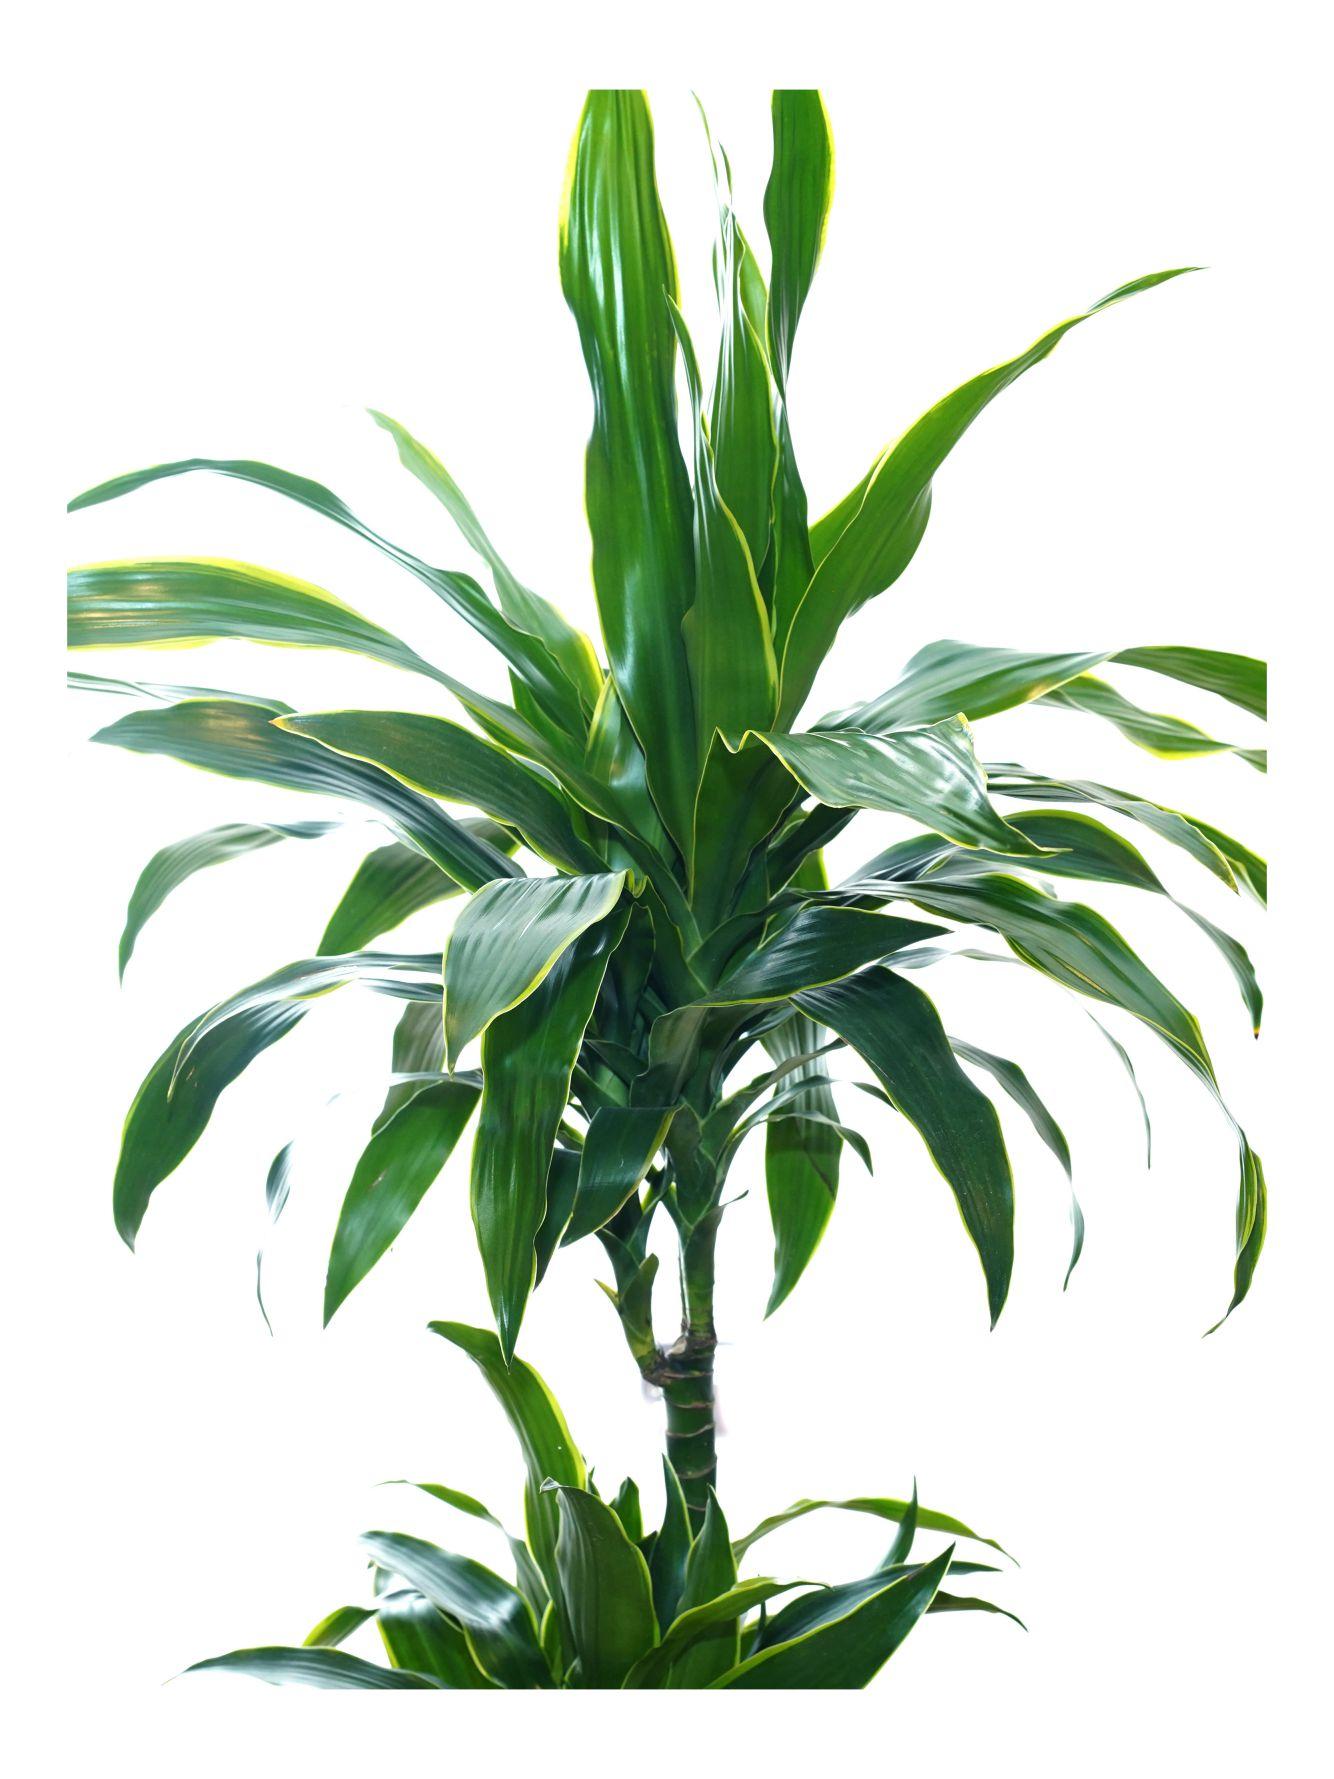 Dracaena J. Craig BLACK POT Indoor Plants Shrubs